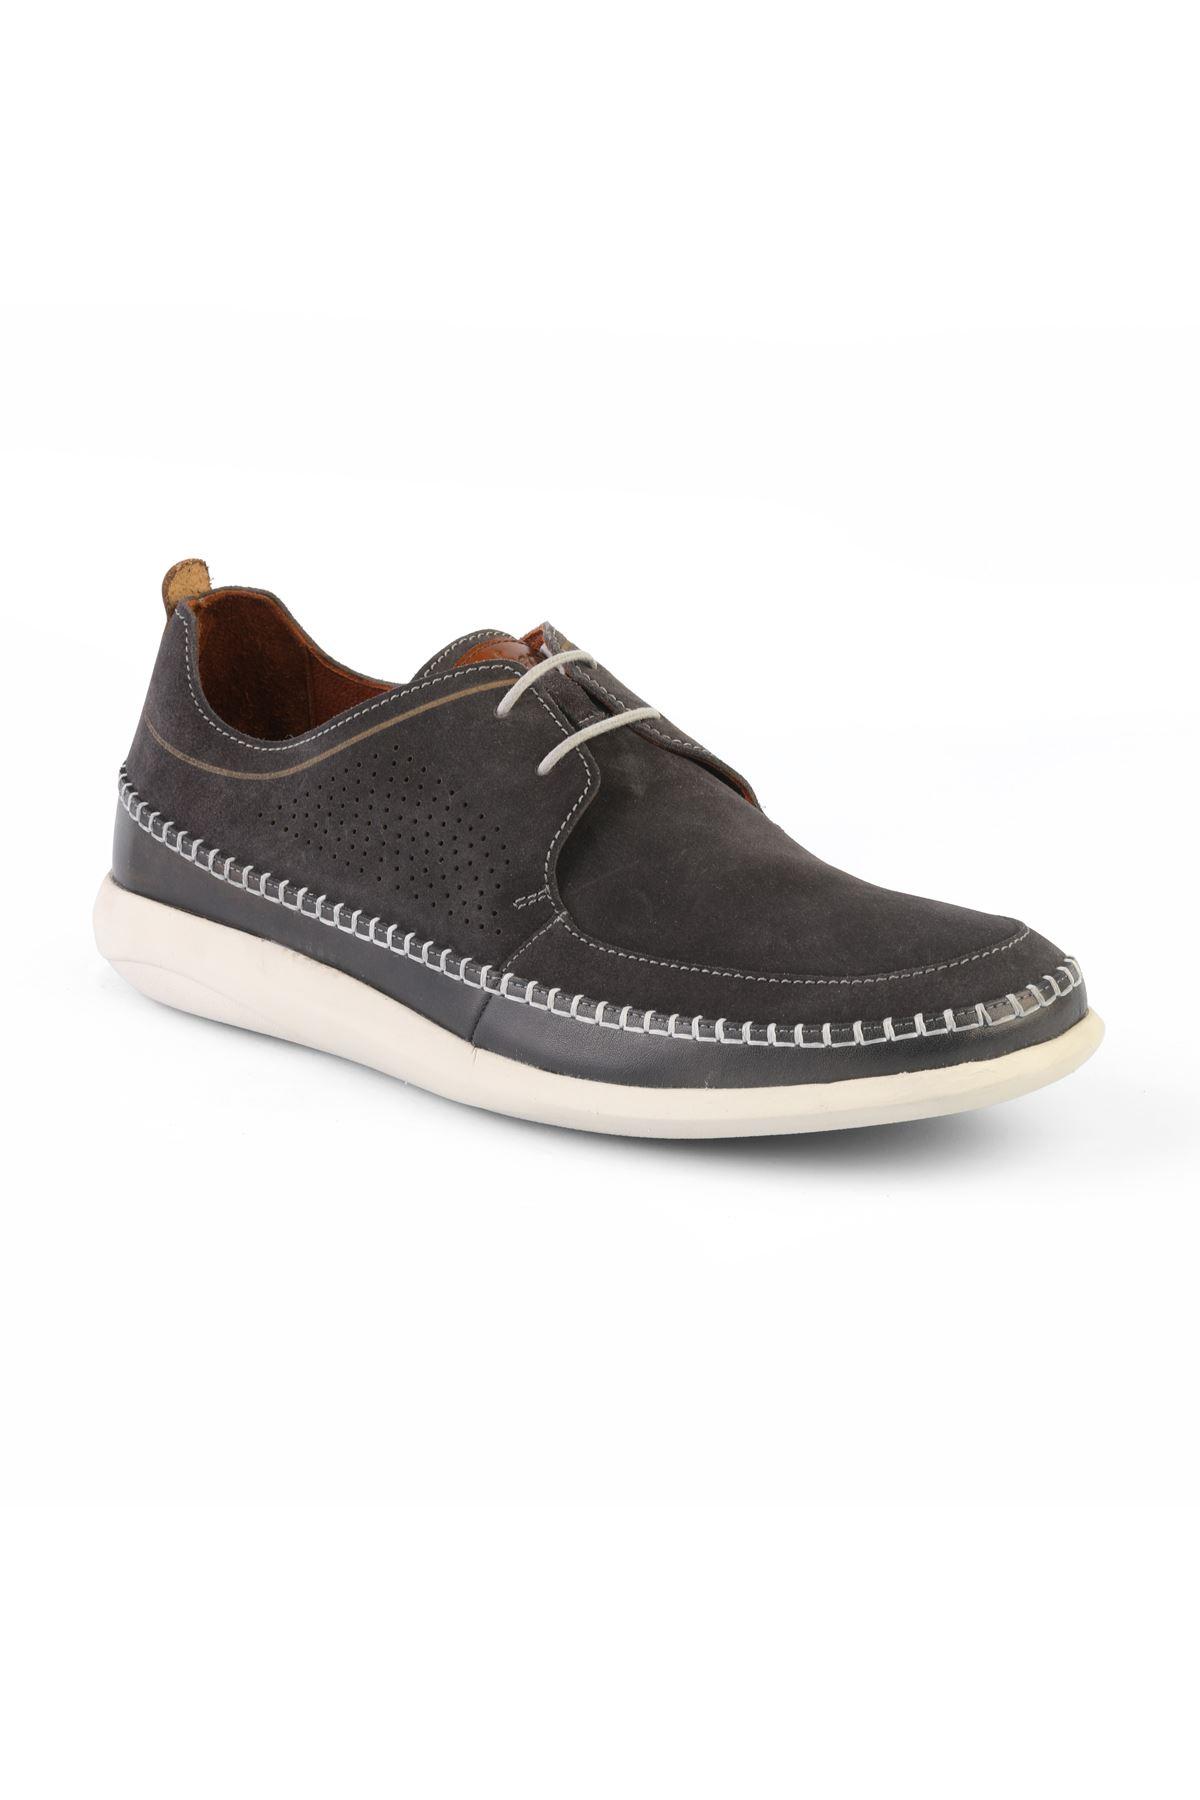 Libero T1132 Gray Classic Shoes